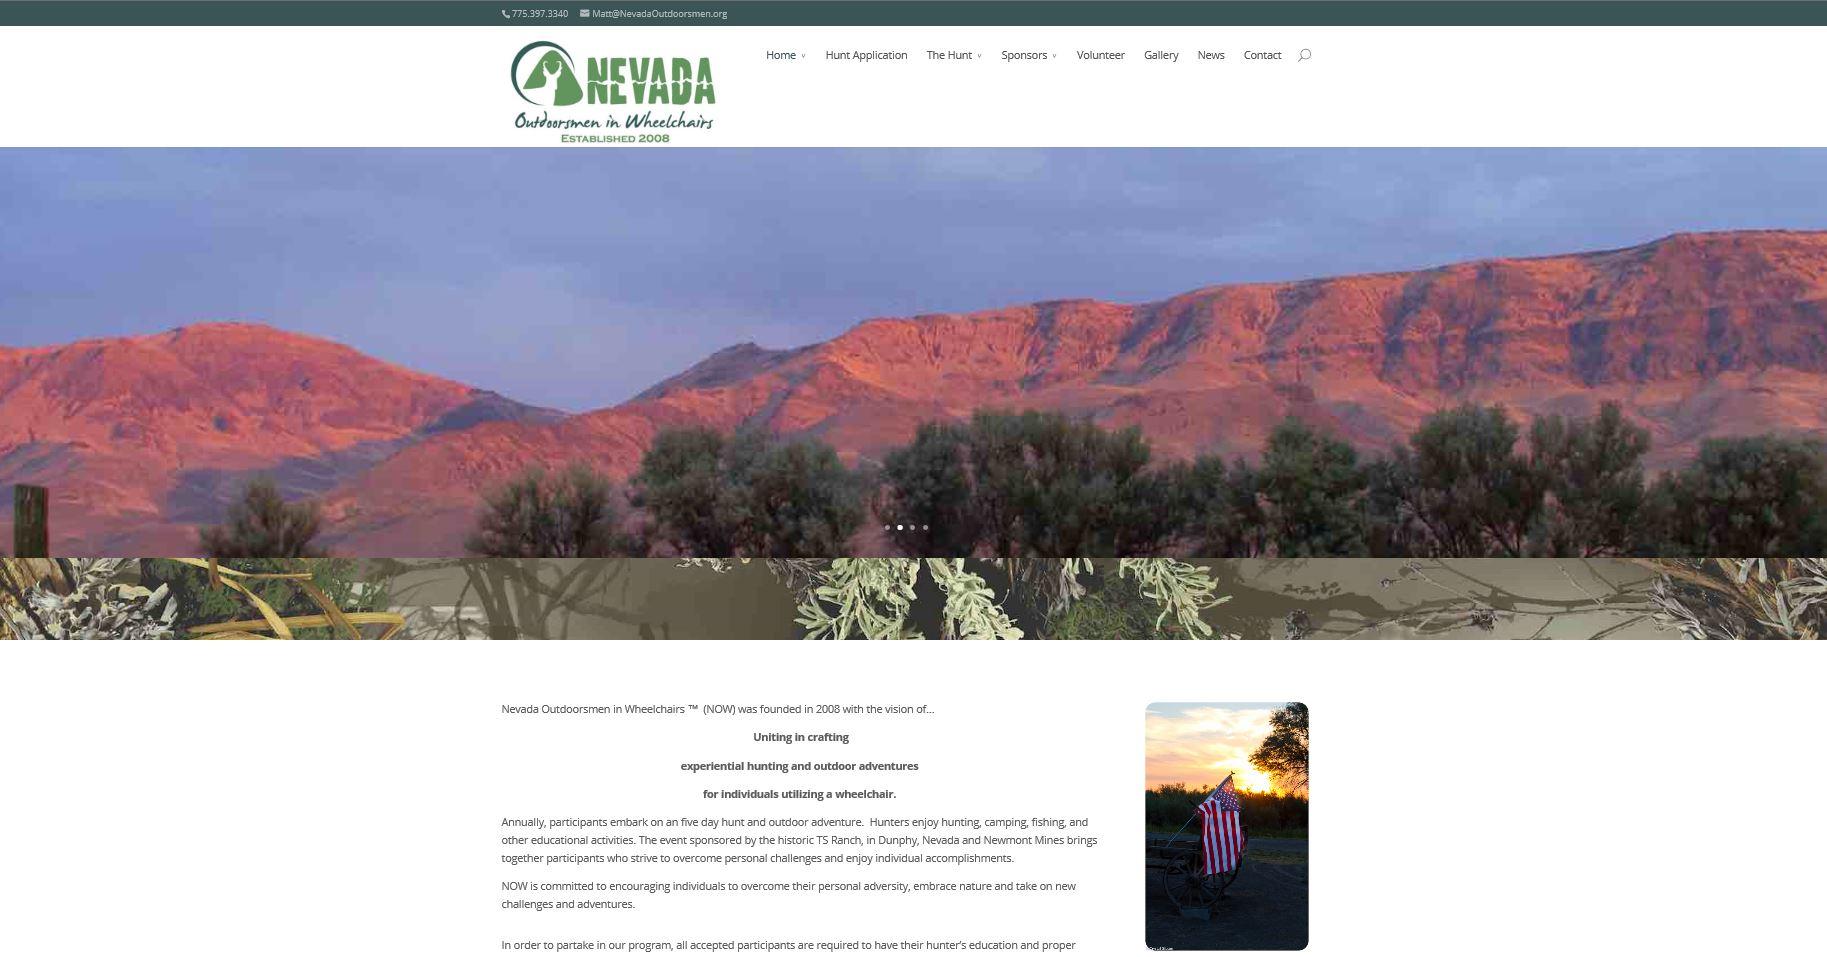 Nevada Outdoorsmen Website